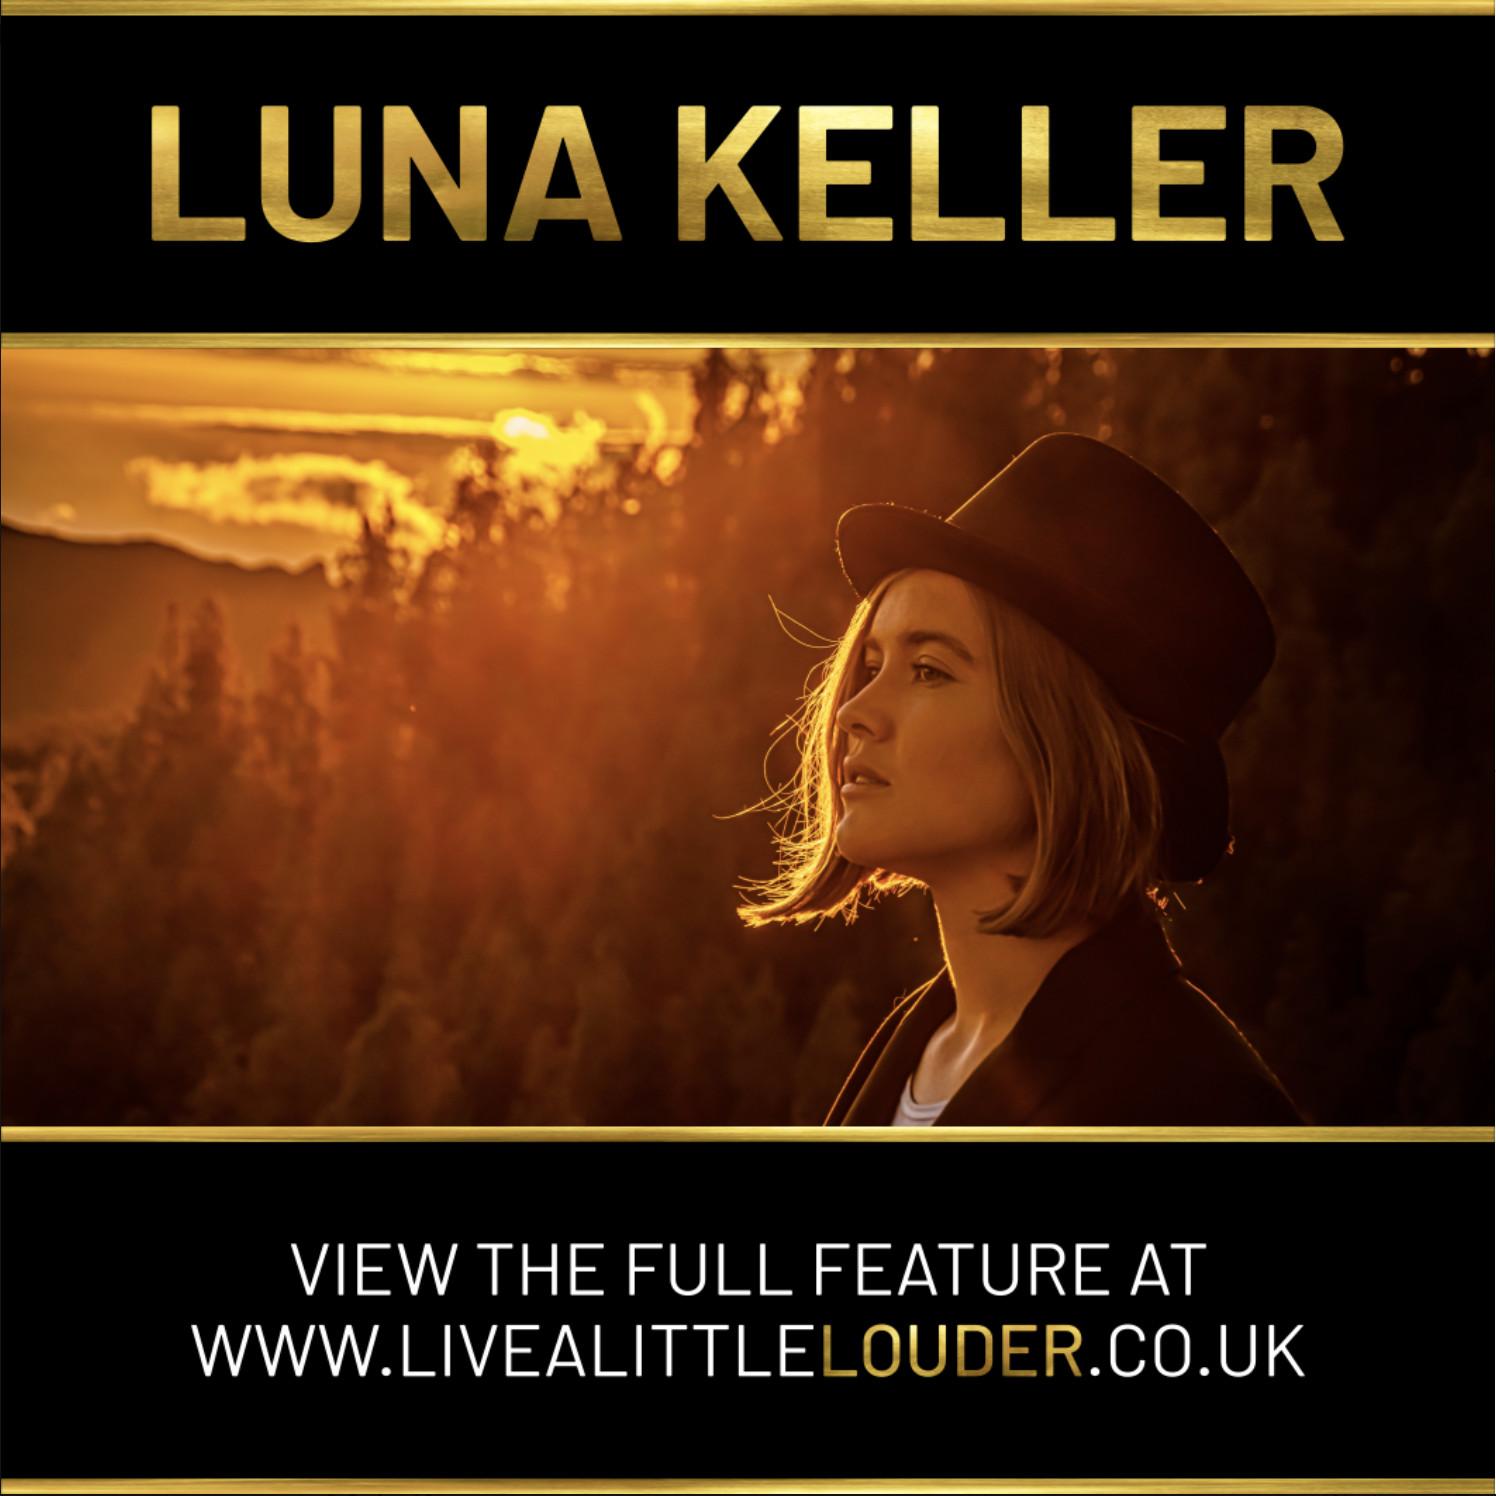 Live a little louder - Luna Keller